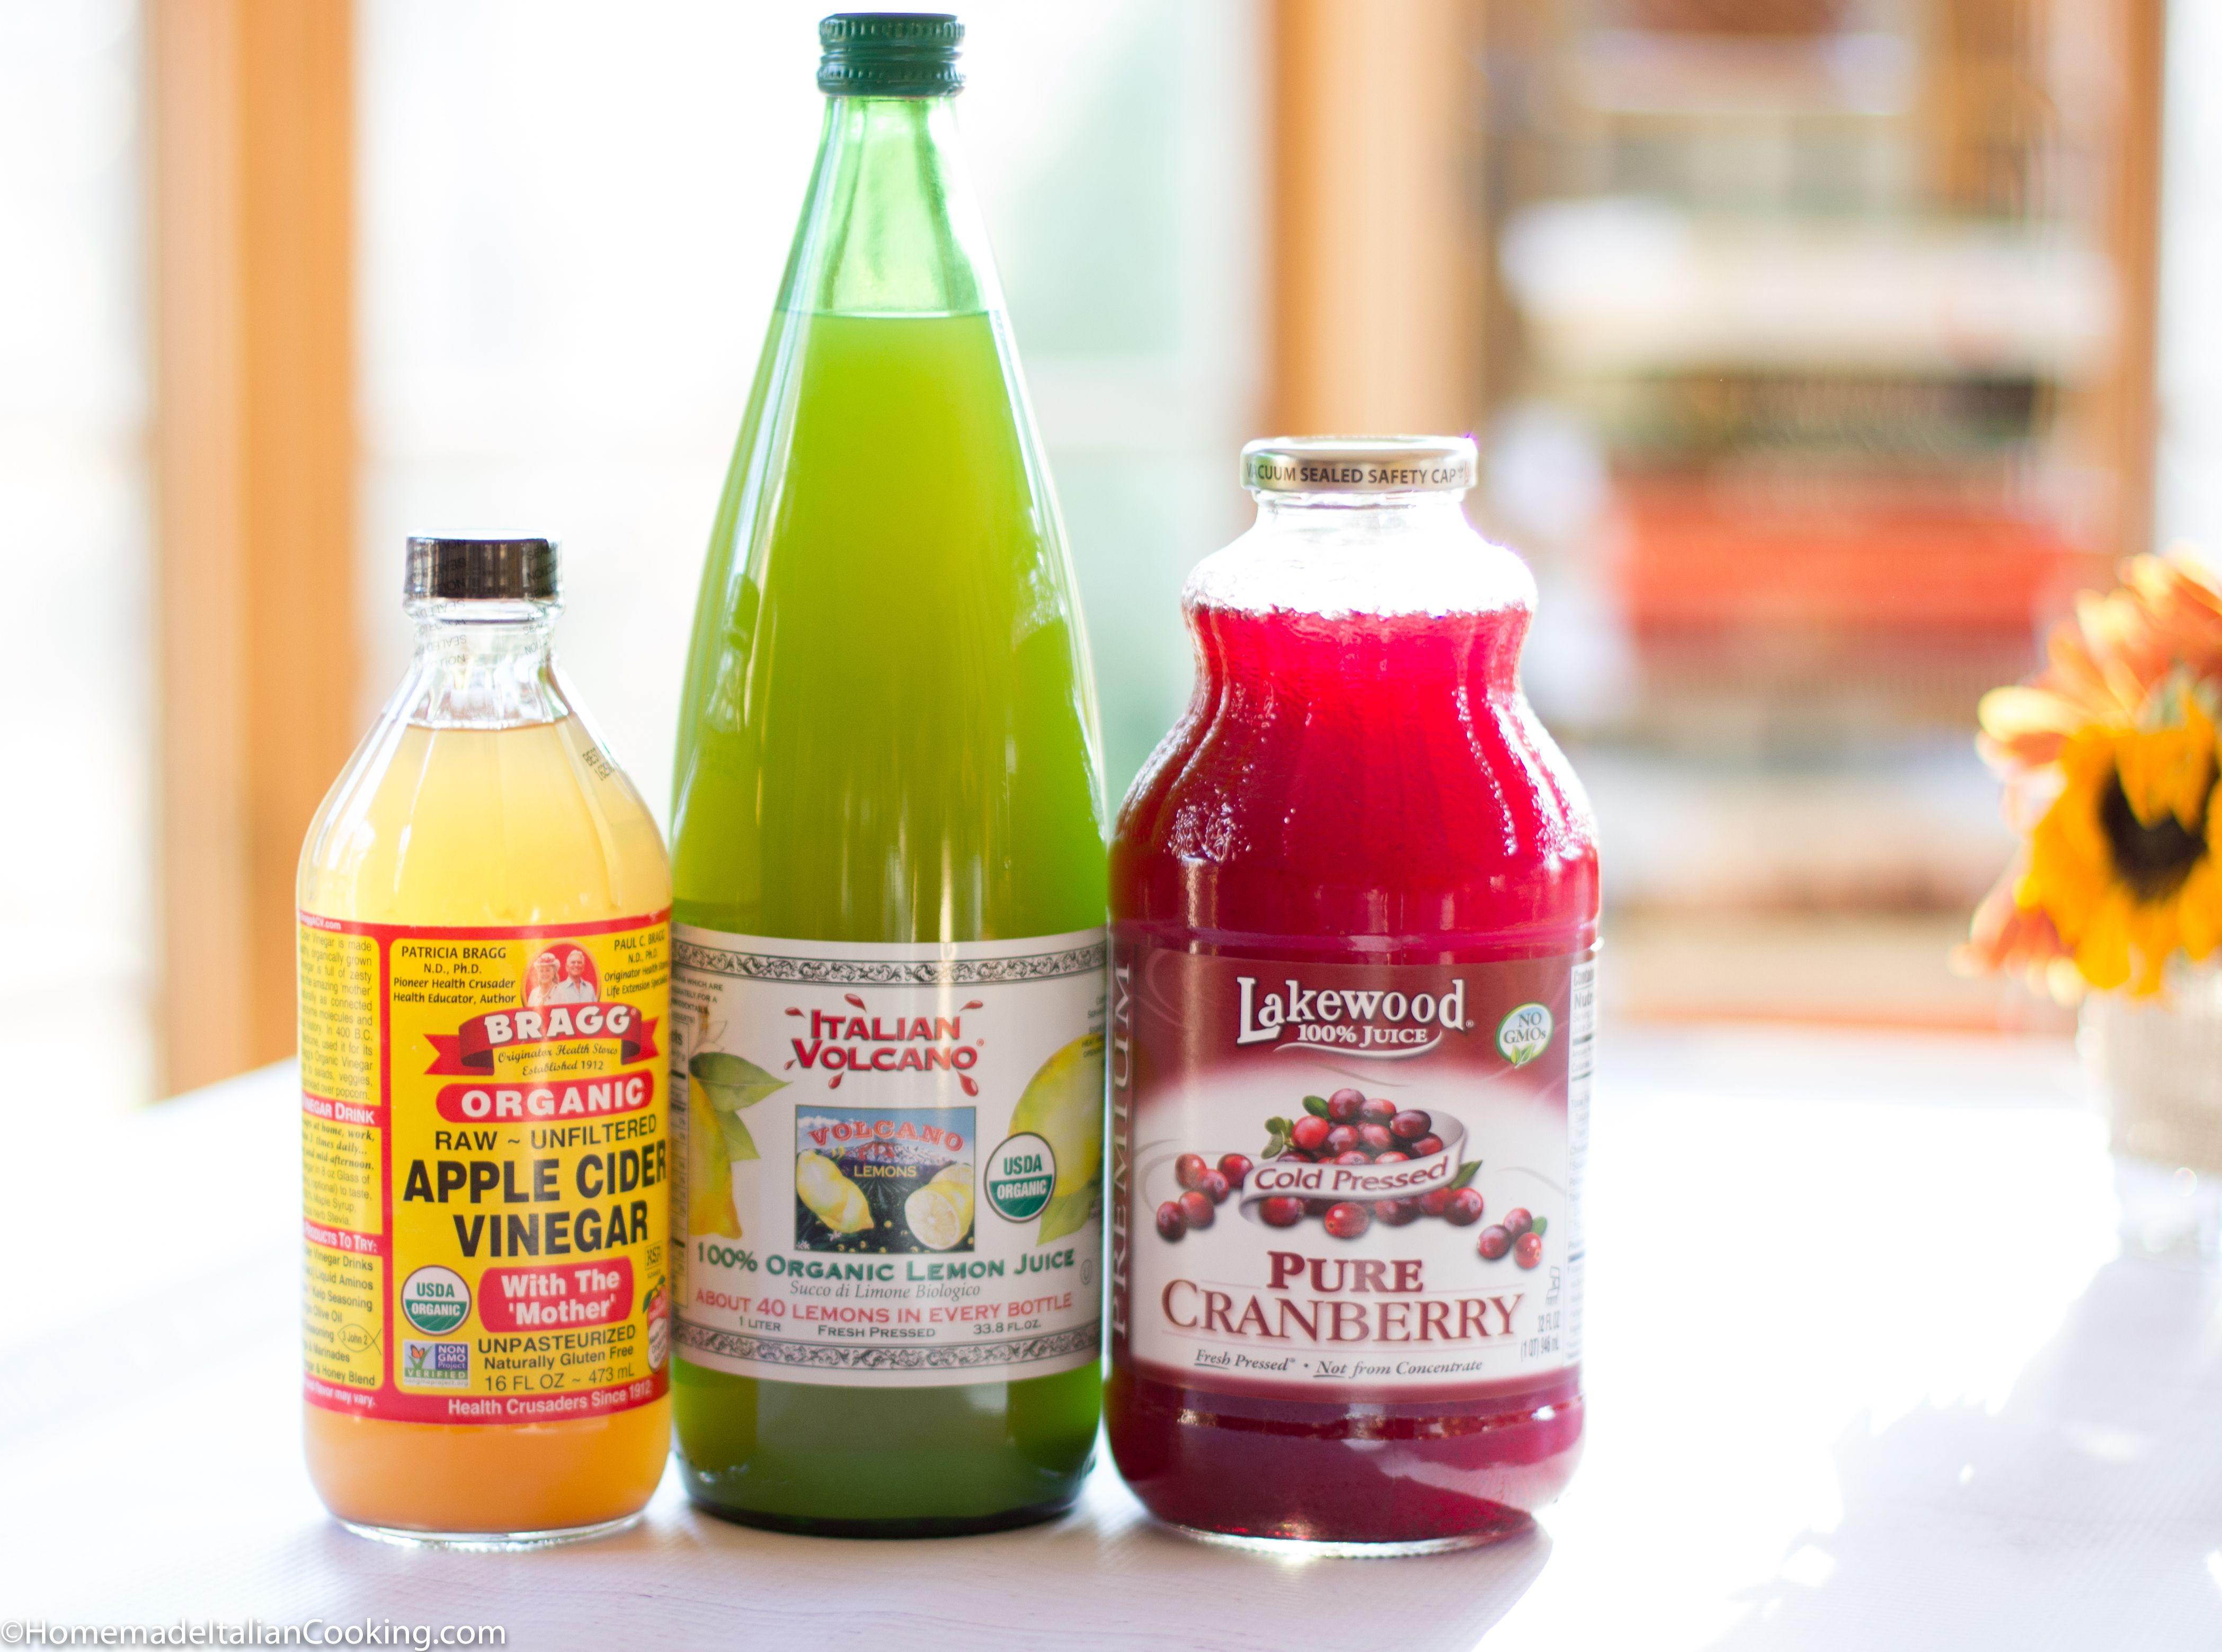 cranberry, apple cider vinegar & lemon juice drink - a